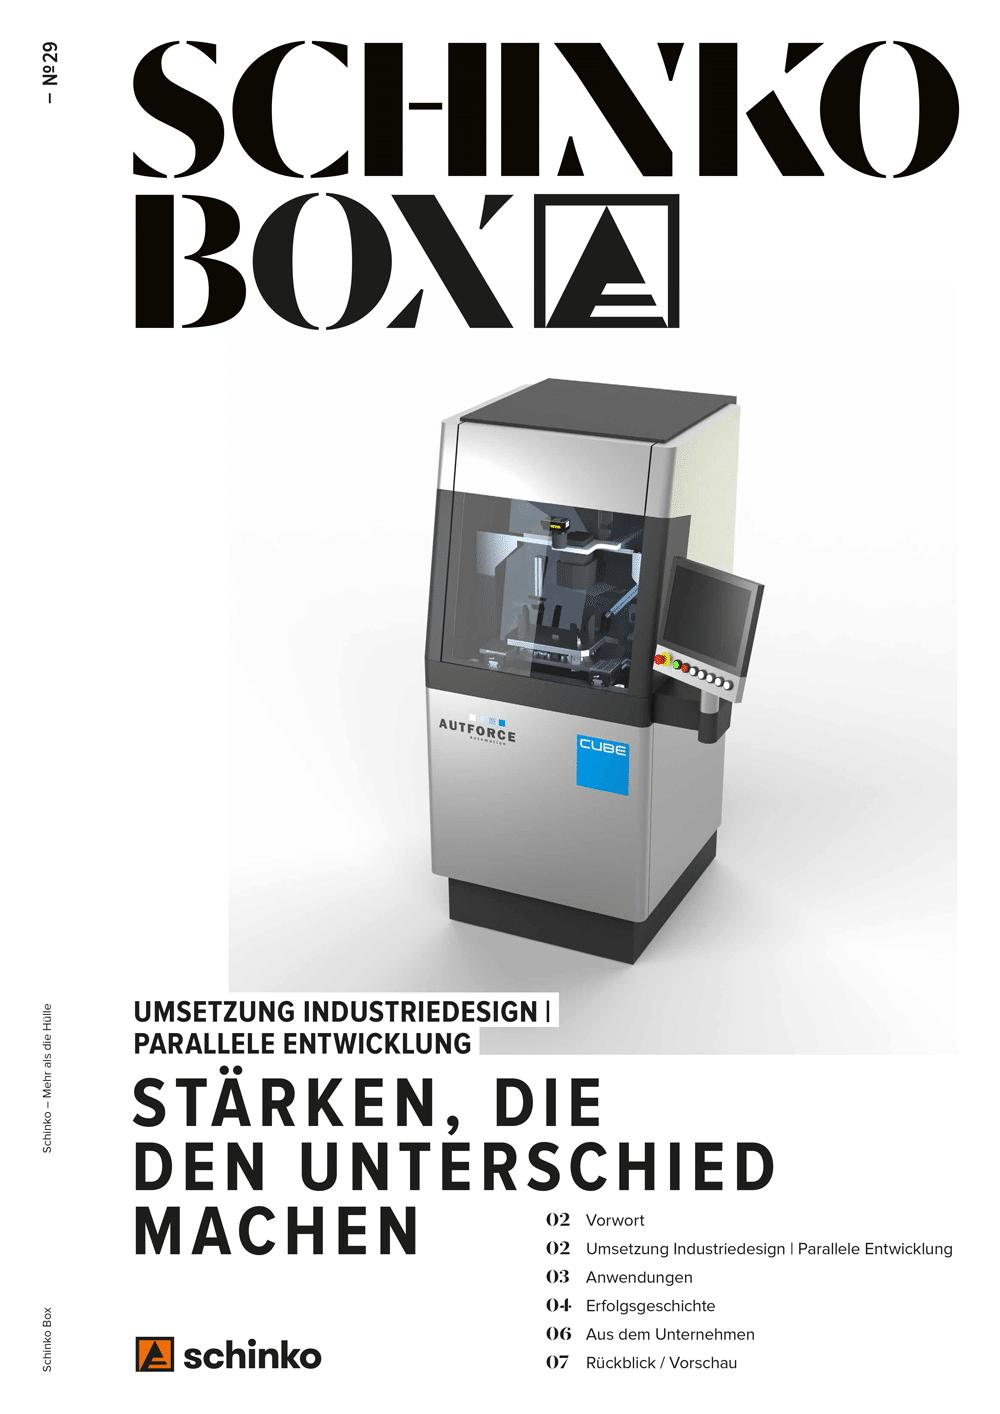 Schinko Box Nr. 29 - Schinko Box Nr. 29 Umsetzung Industriedesign | Parallele Entwicklung